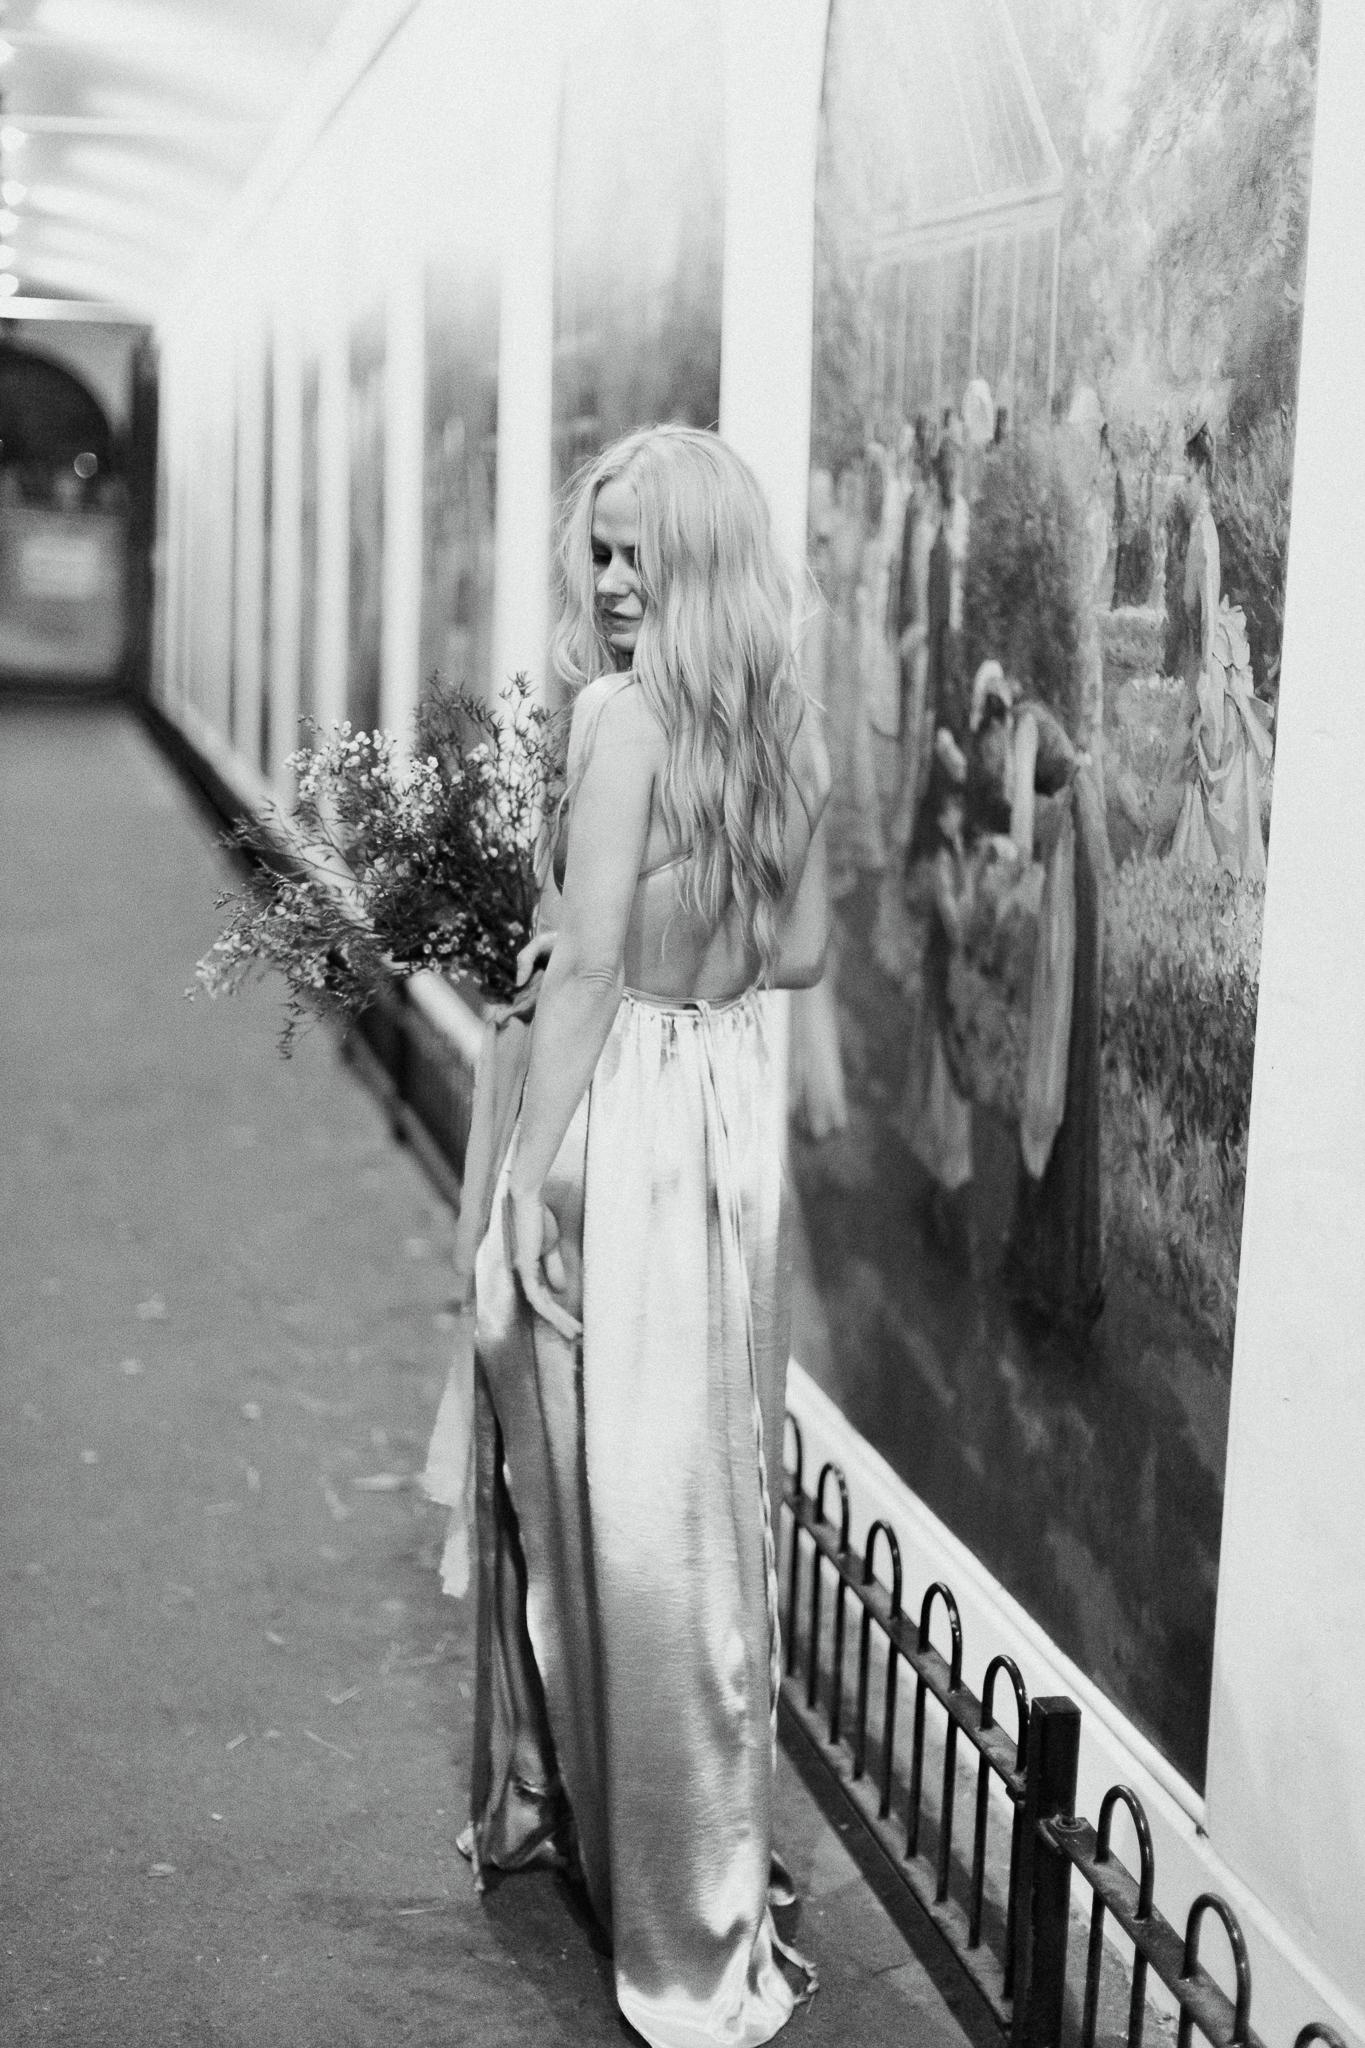 Joana Senkute Photography - Sandra Zeringyte_Editorial Photo Session_Holland Park_London_2017_Joana Senkute Photogpahy.jpg - Sandra Zeringyte_Editorial Photo Session_Holland Park_London_2017_Joana Senkute Photogpahy.jpg